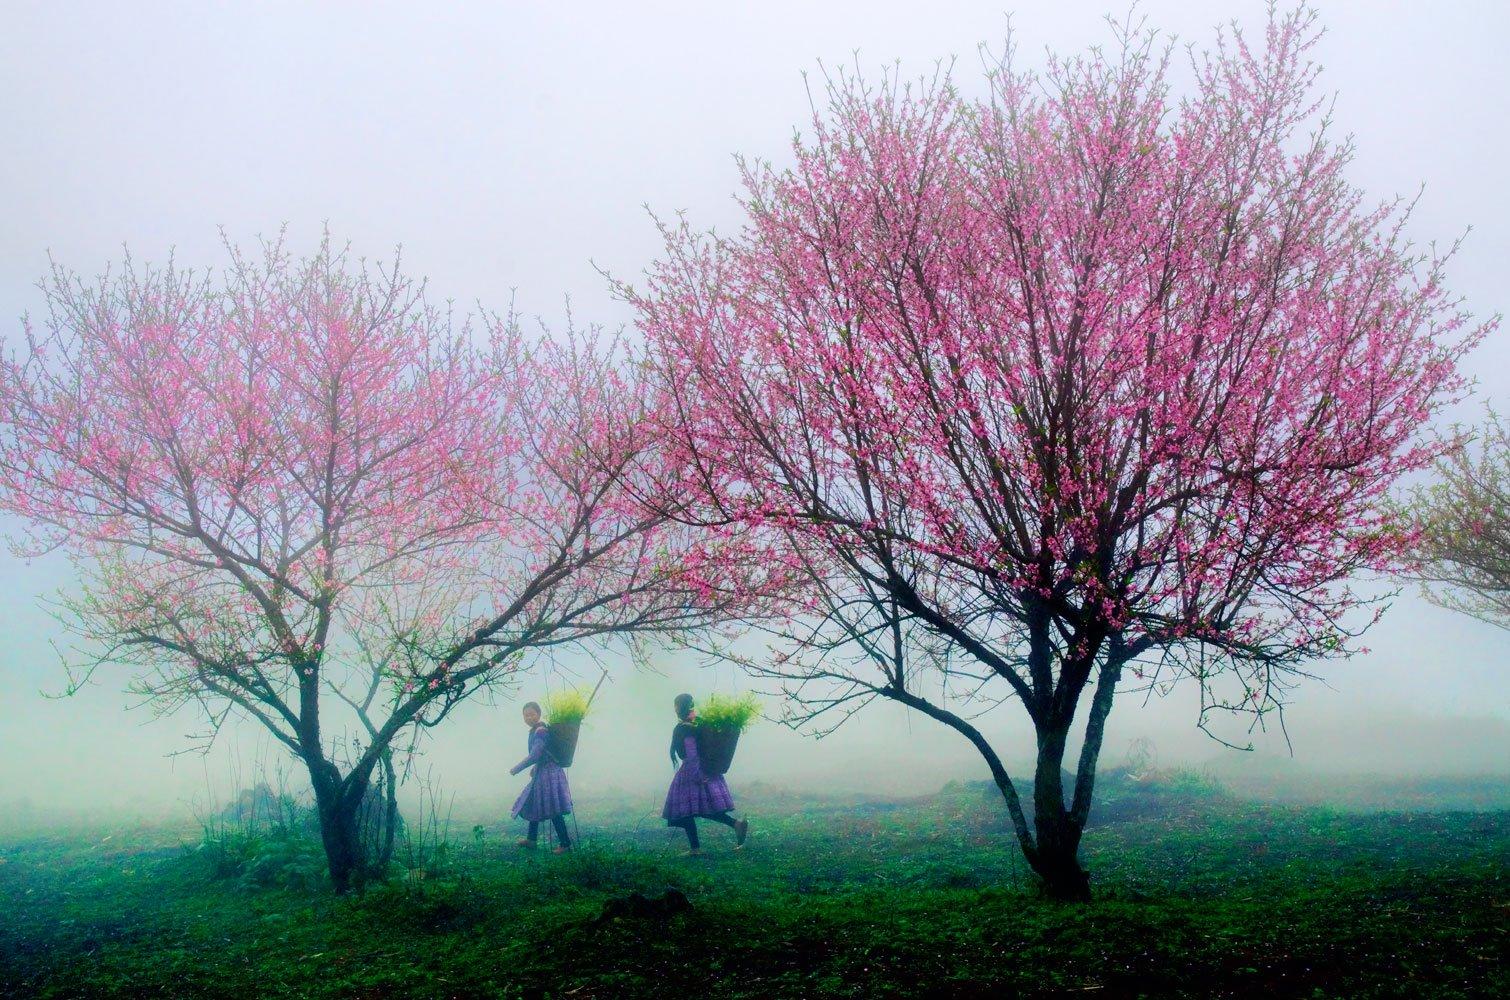 Du lịch Mộc Châu - Hoa đào nở hòa vào làn sương mờ núi rừng Mộc Châu. Ảnh: Lê Huy